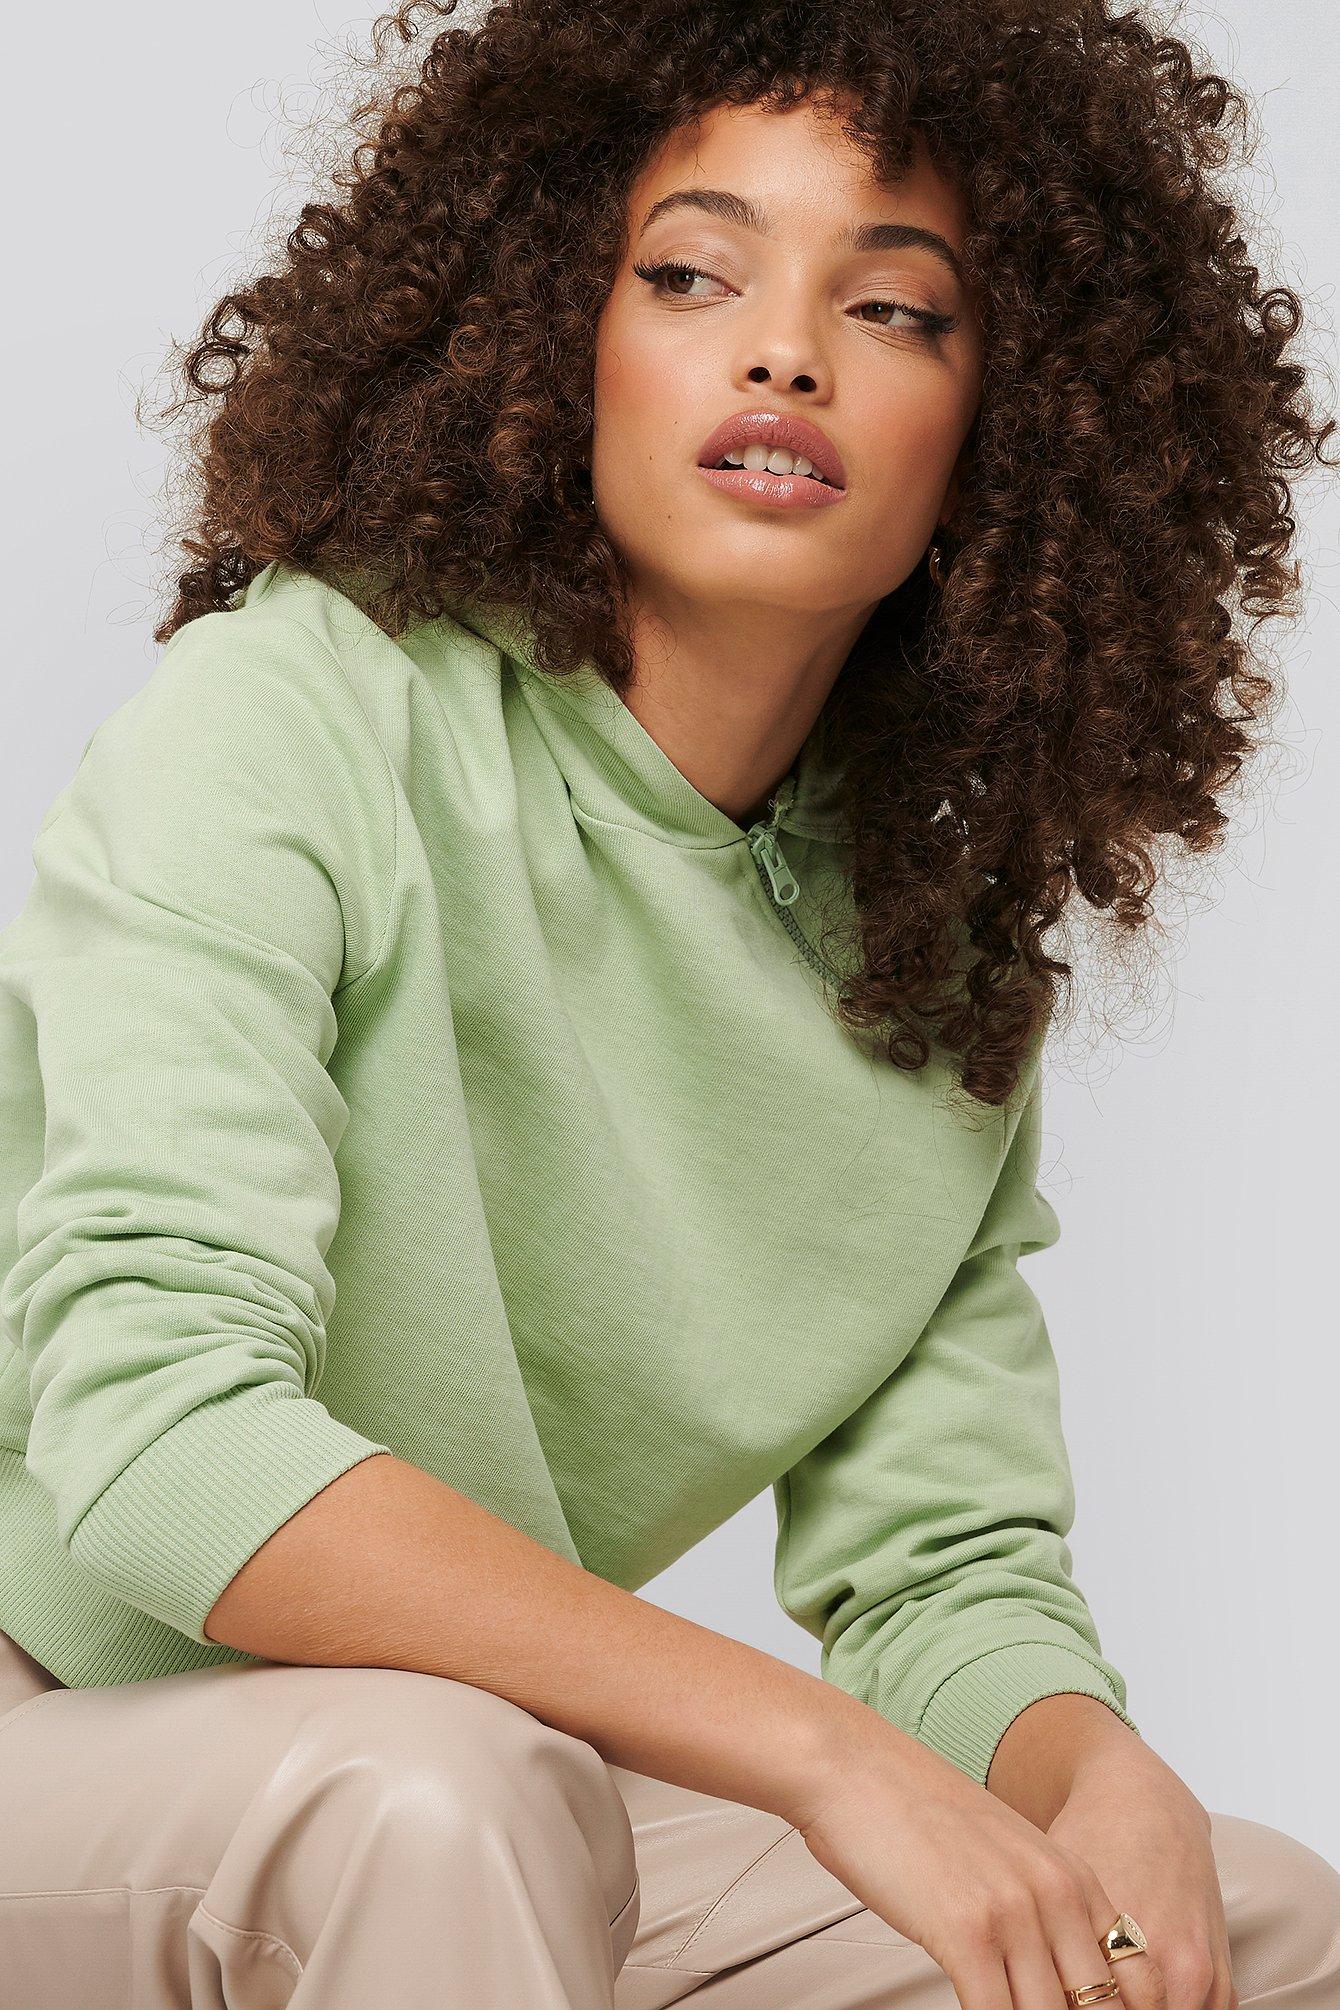 NA-KD Kurzer Kapuzenpulli Asymmetrischer Reißverschluss - Green | Bekleidung > Pullover > Kapuzenpullover | NA-KD